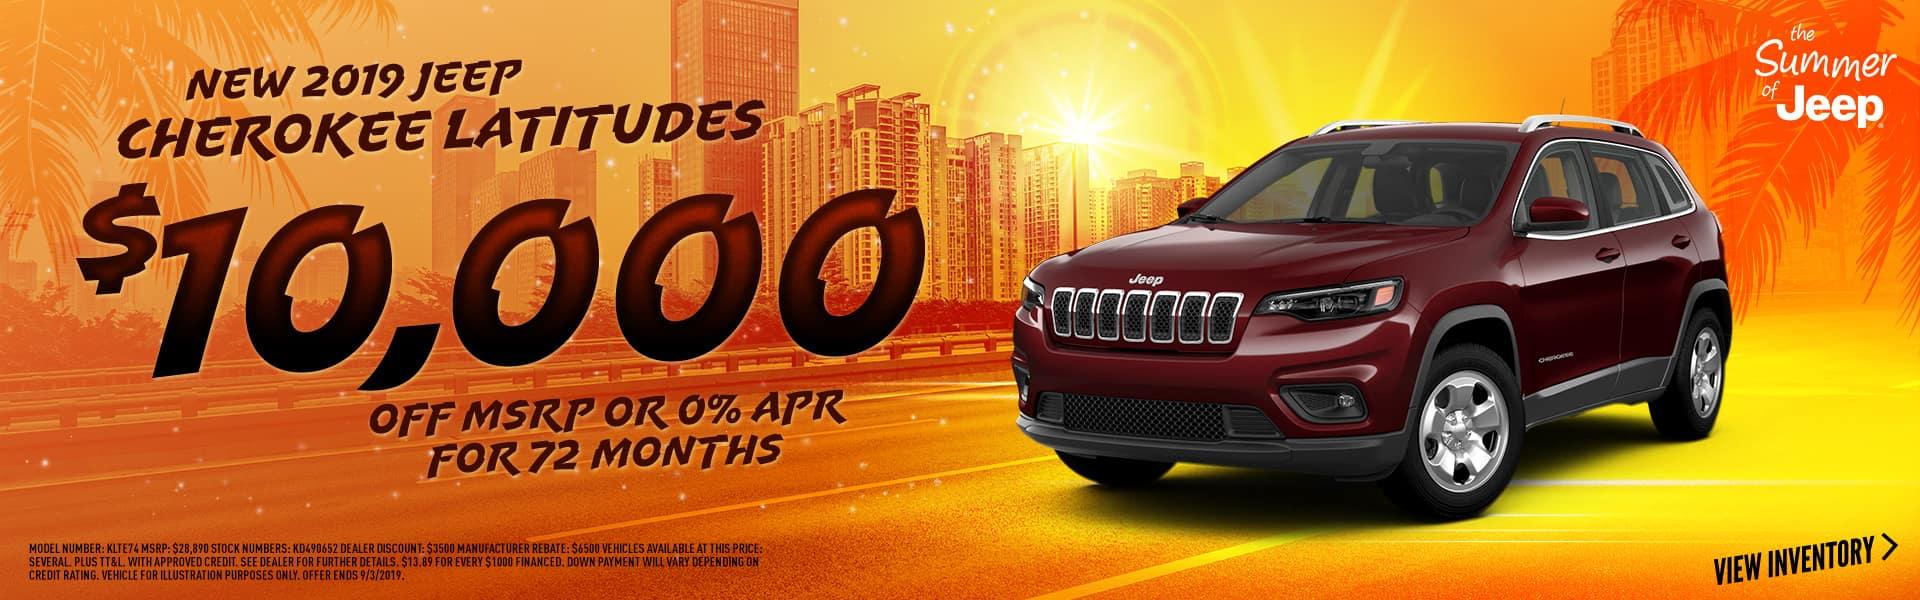 2019-Jeep-Cherokee-Latitudes